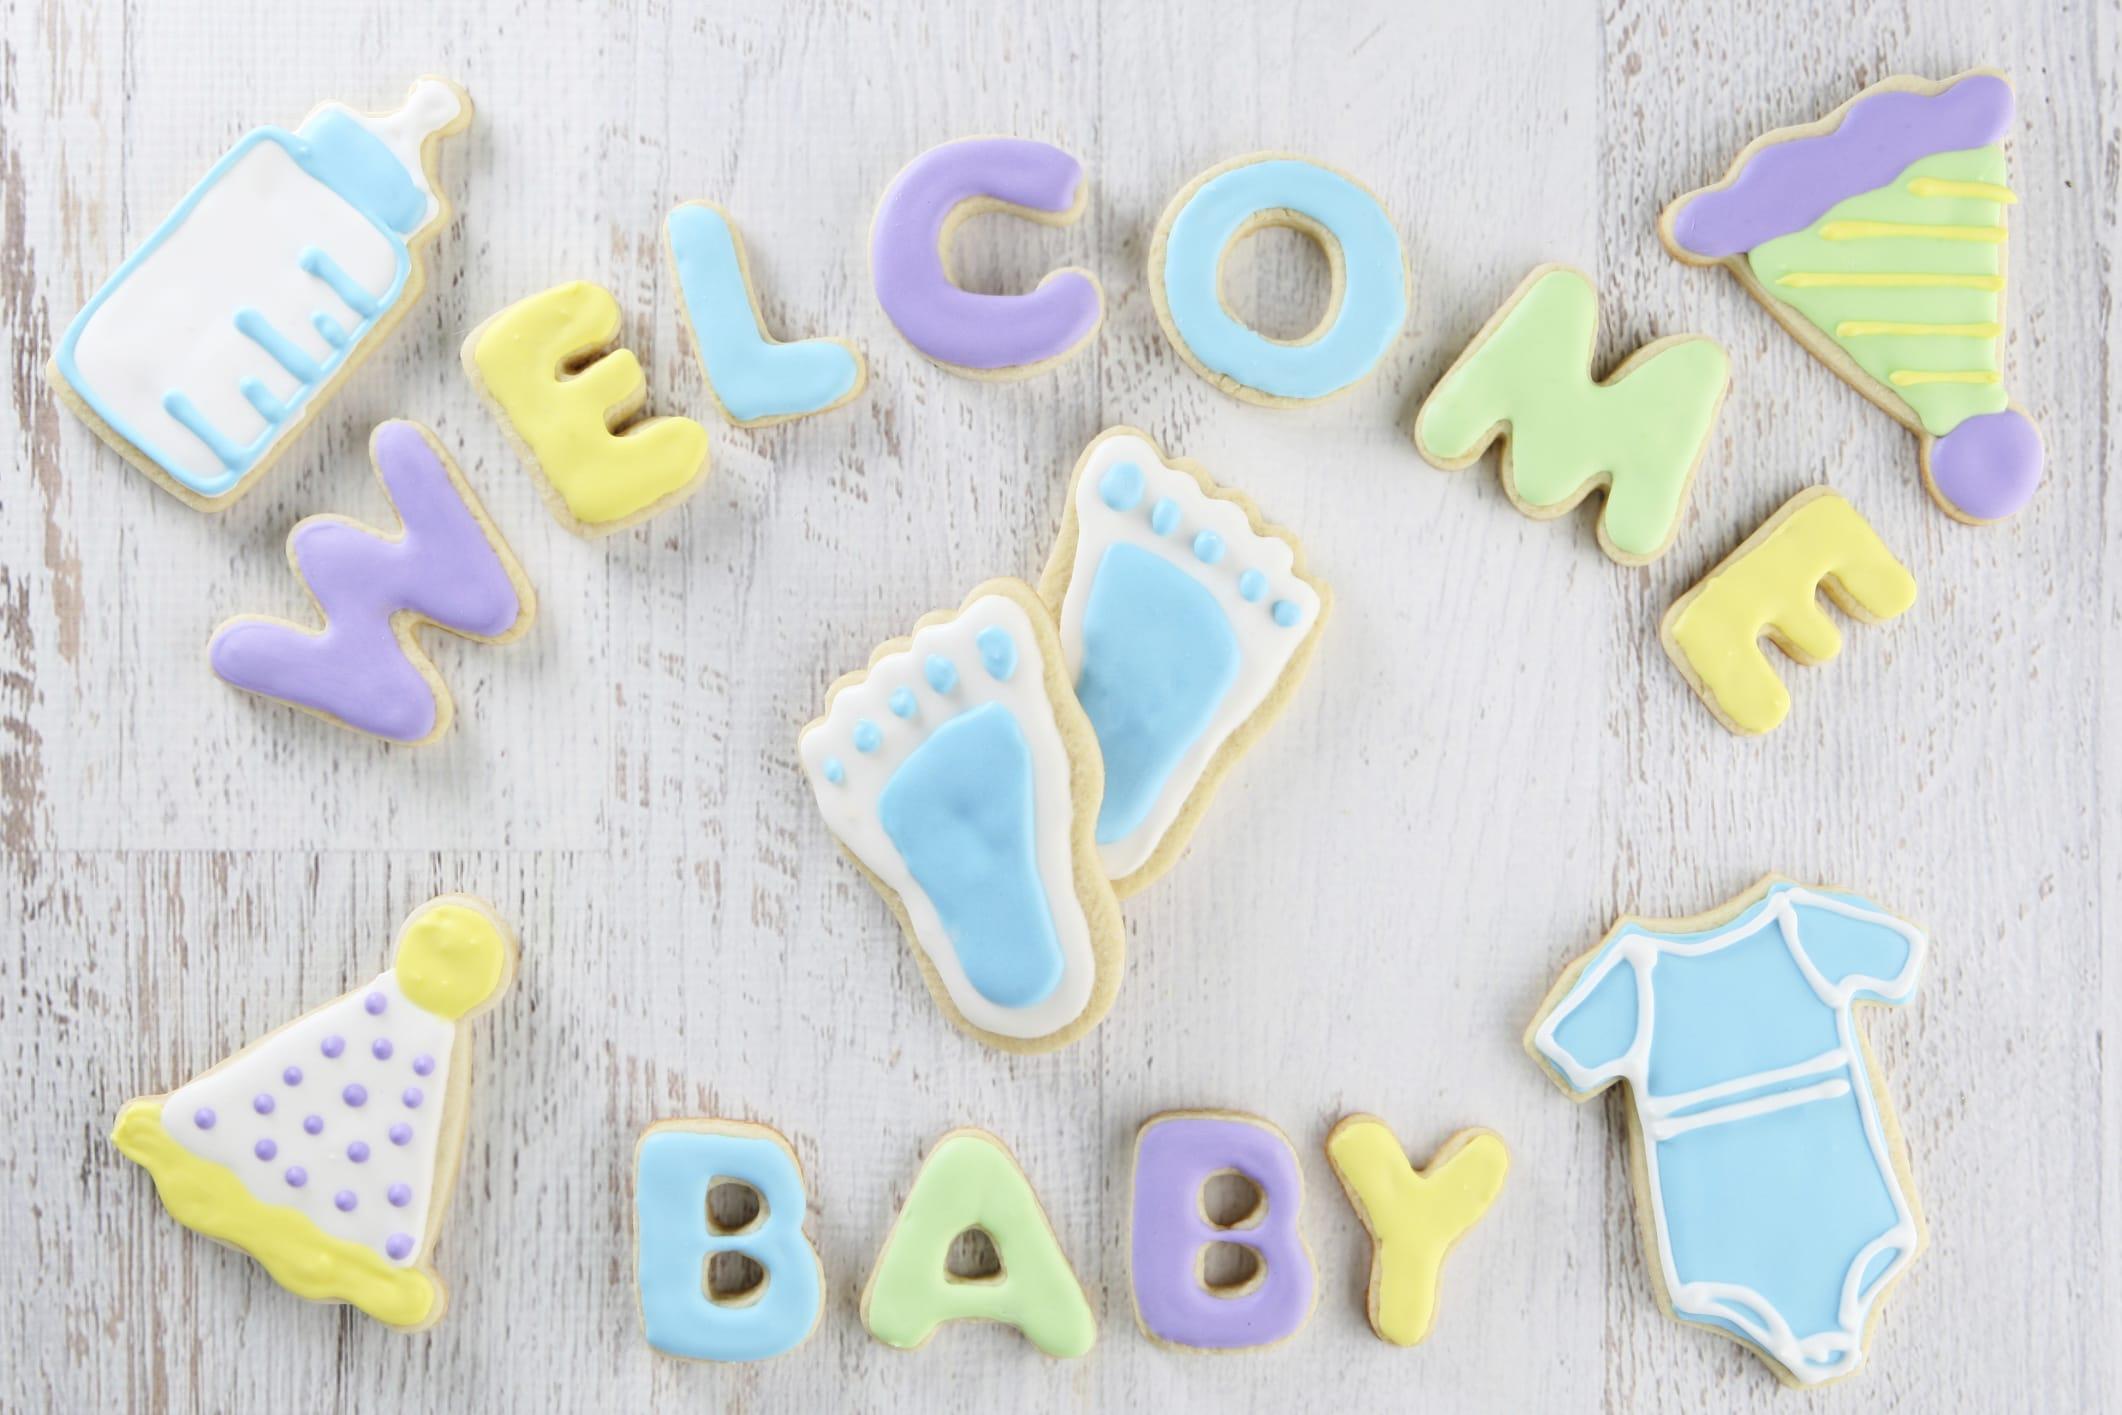 Favorito Cosa serve veramente a un neonato? Scopriamolo insieme - Non Sprecare ES89